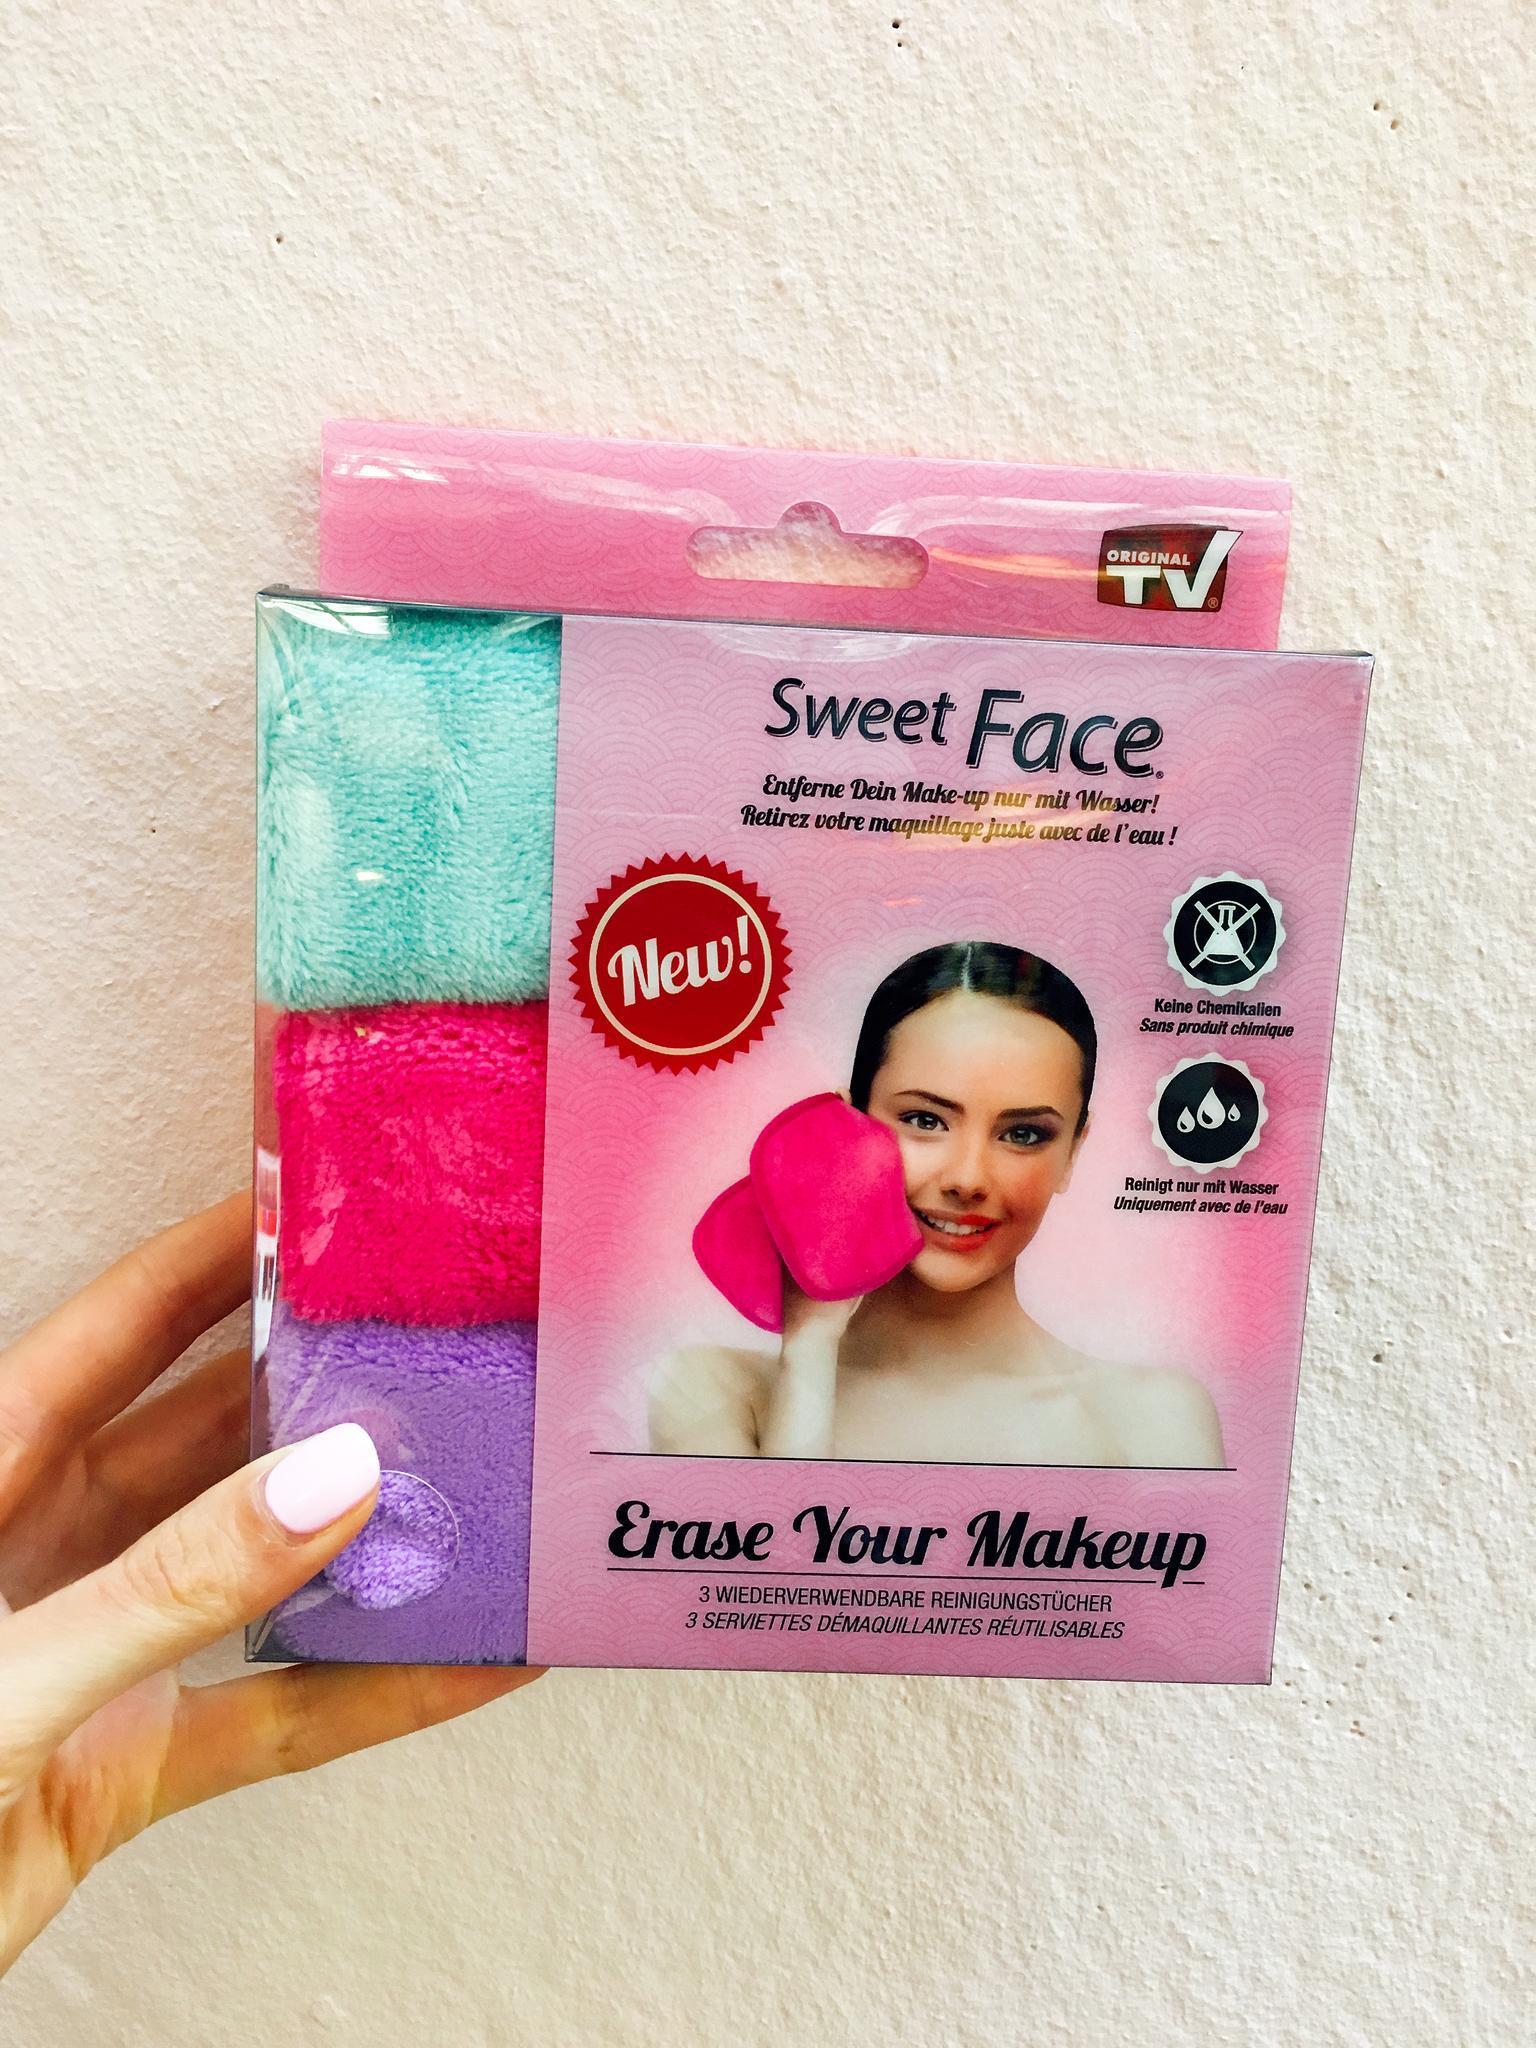 Die Sweet Face Reinigungstücher kommen in süßen Farben, nehmen so gut wie keinen Platz in der Sporttasche weg und lassen sich nach dem Waschen wiederverwenden.